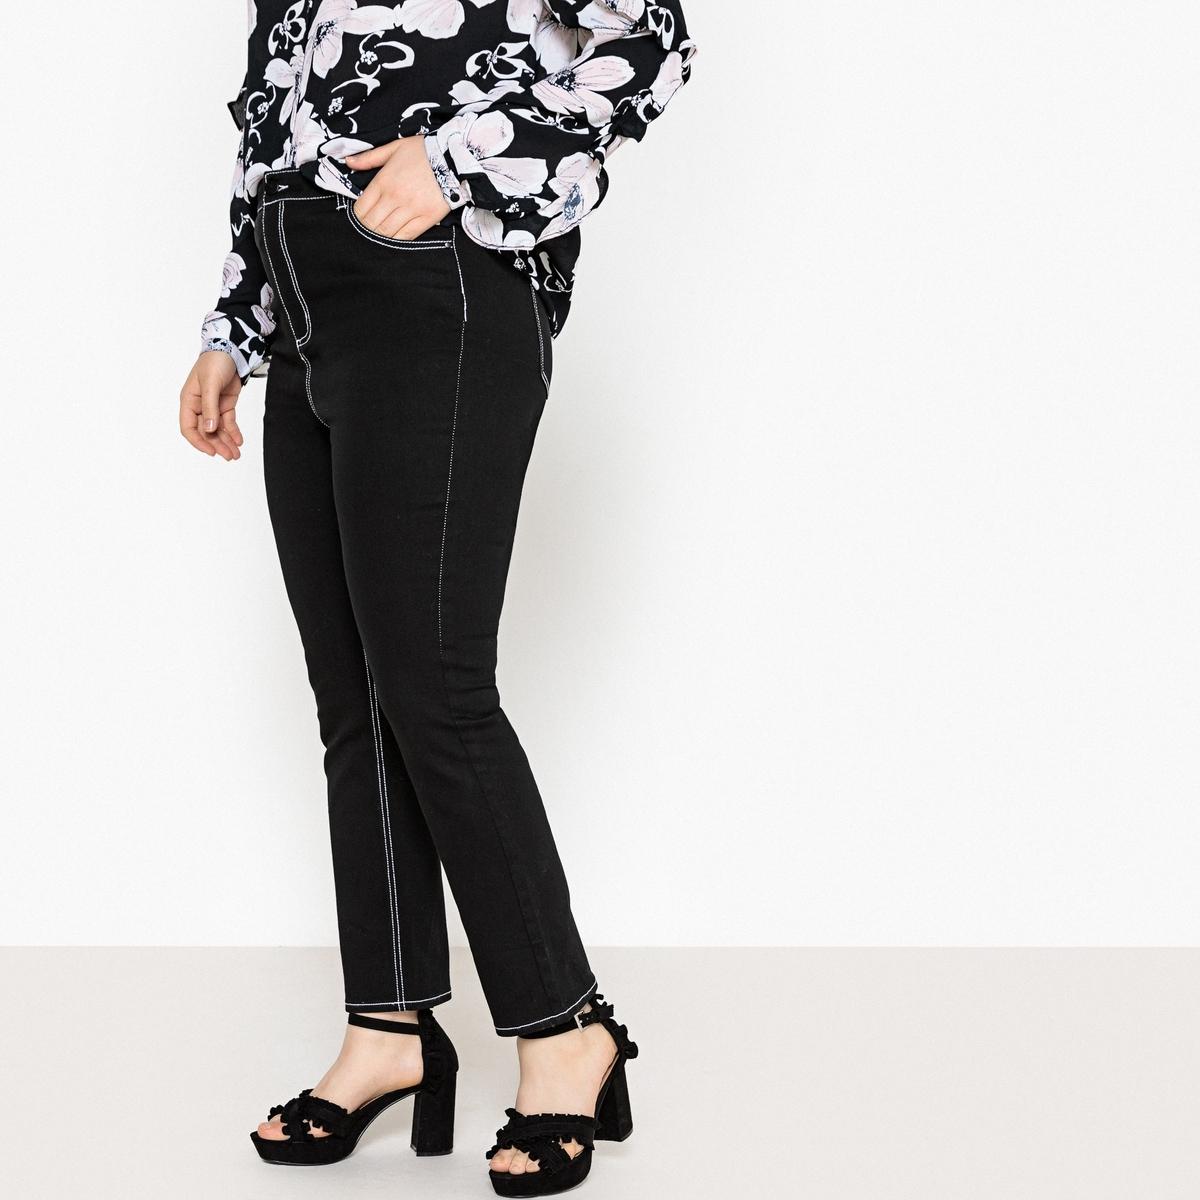 Джинсы узкие джинсы расклешенные длина 34